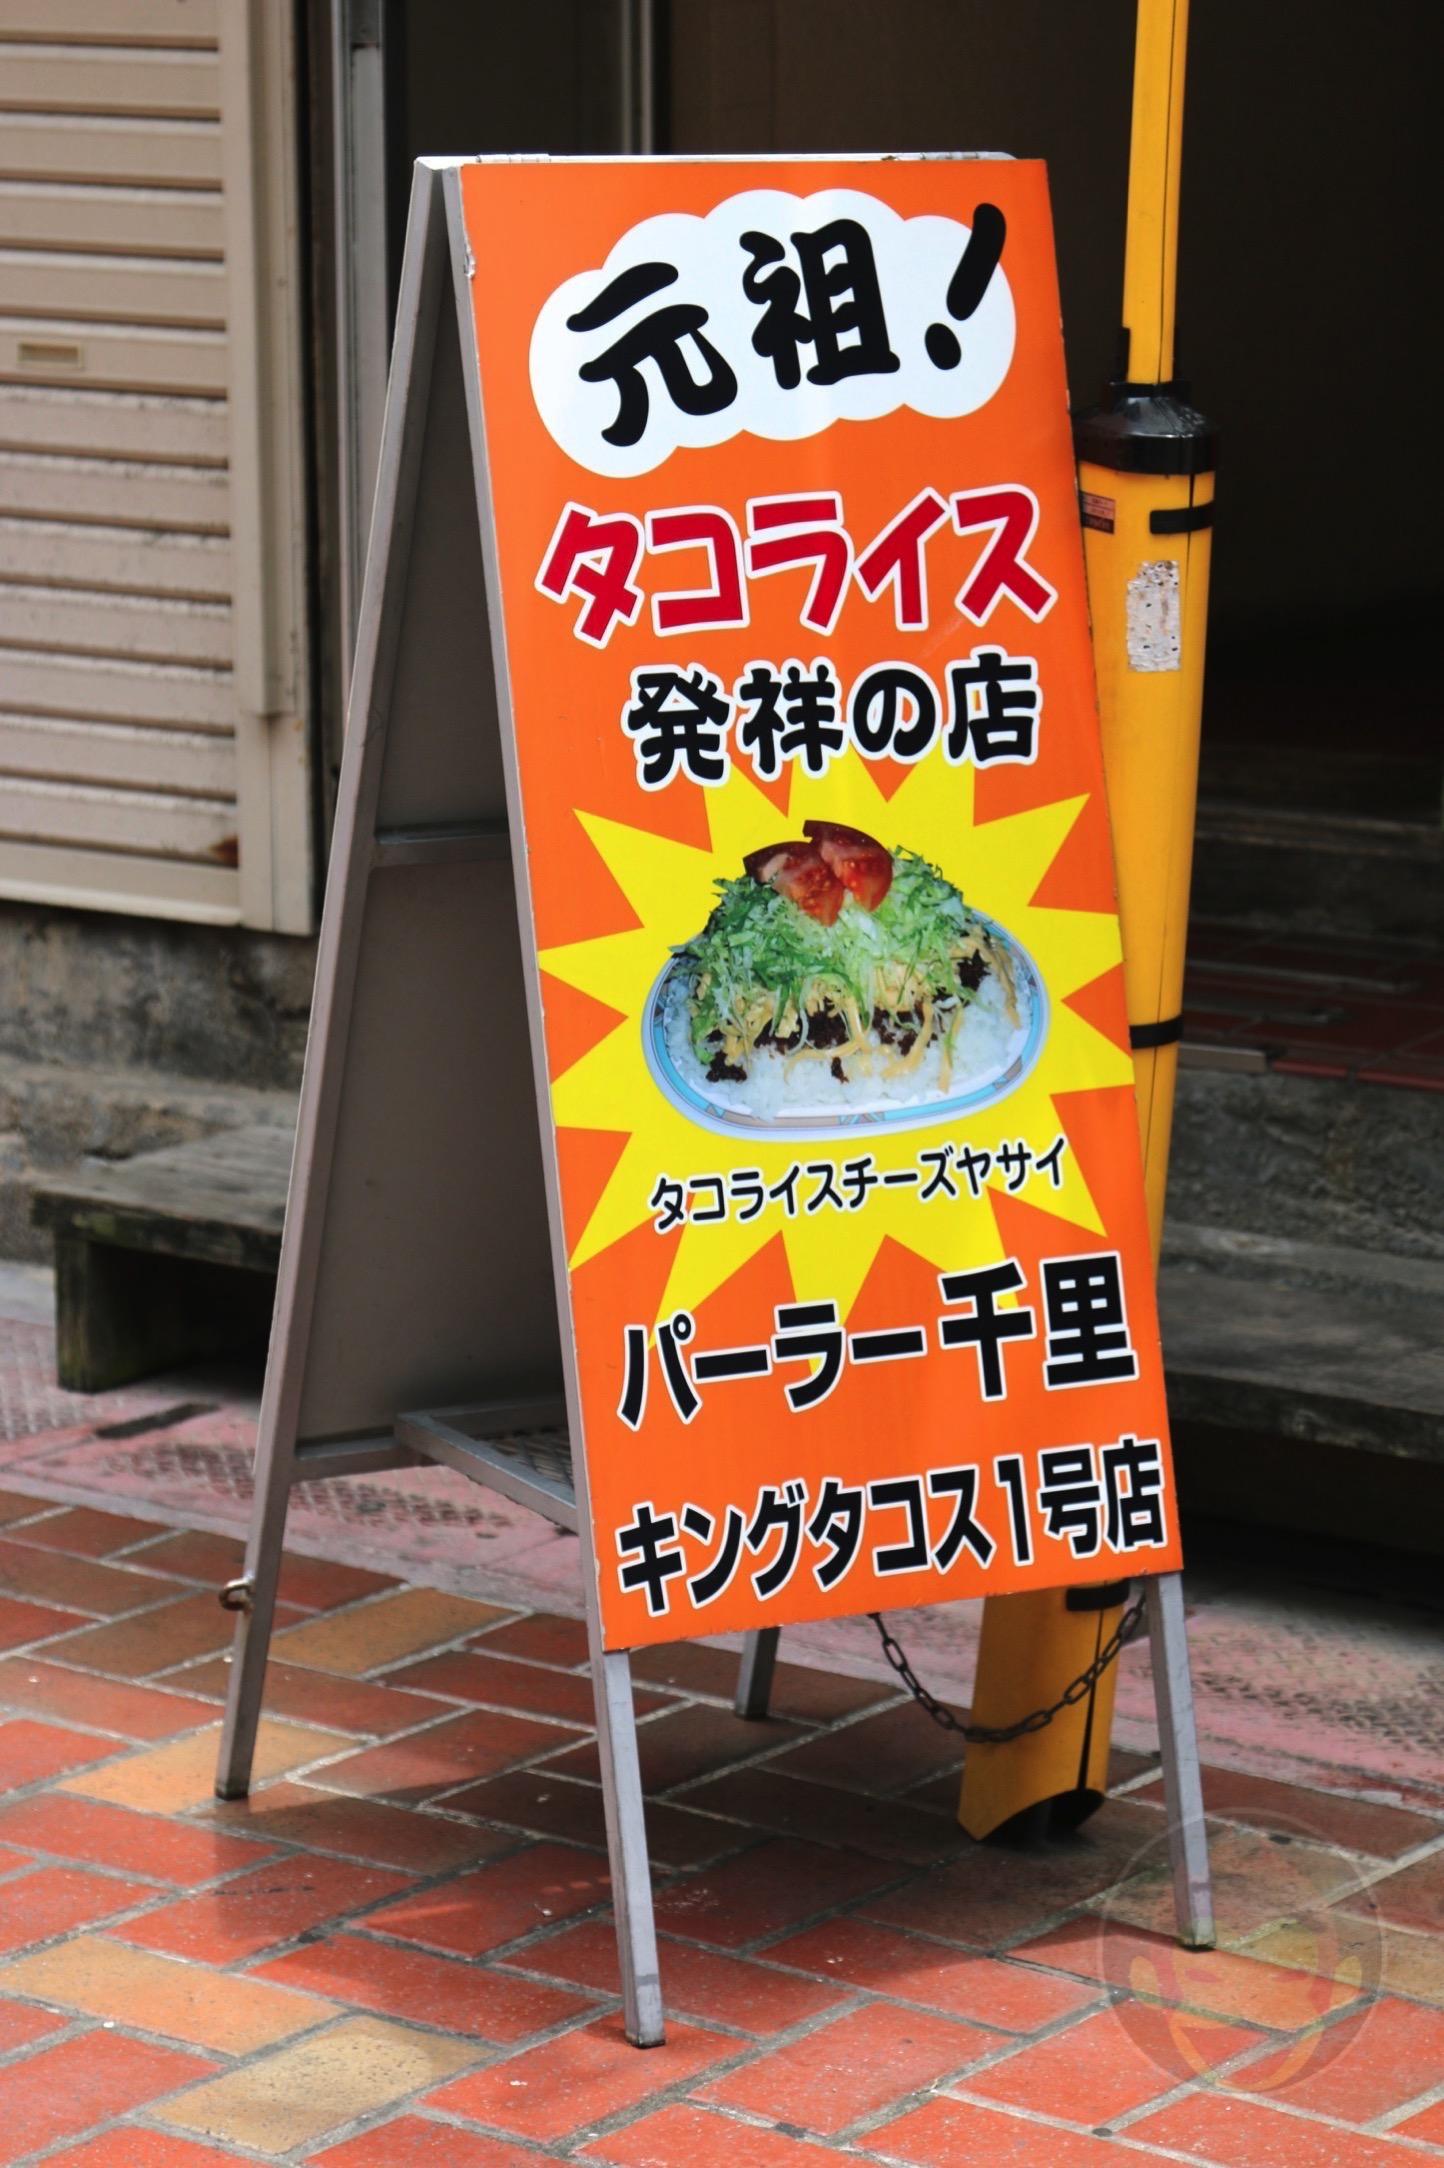 タコライス発祥の店「パーラー千里」